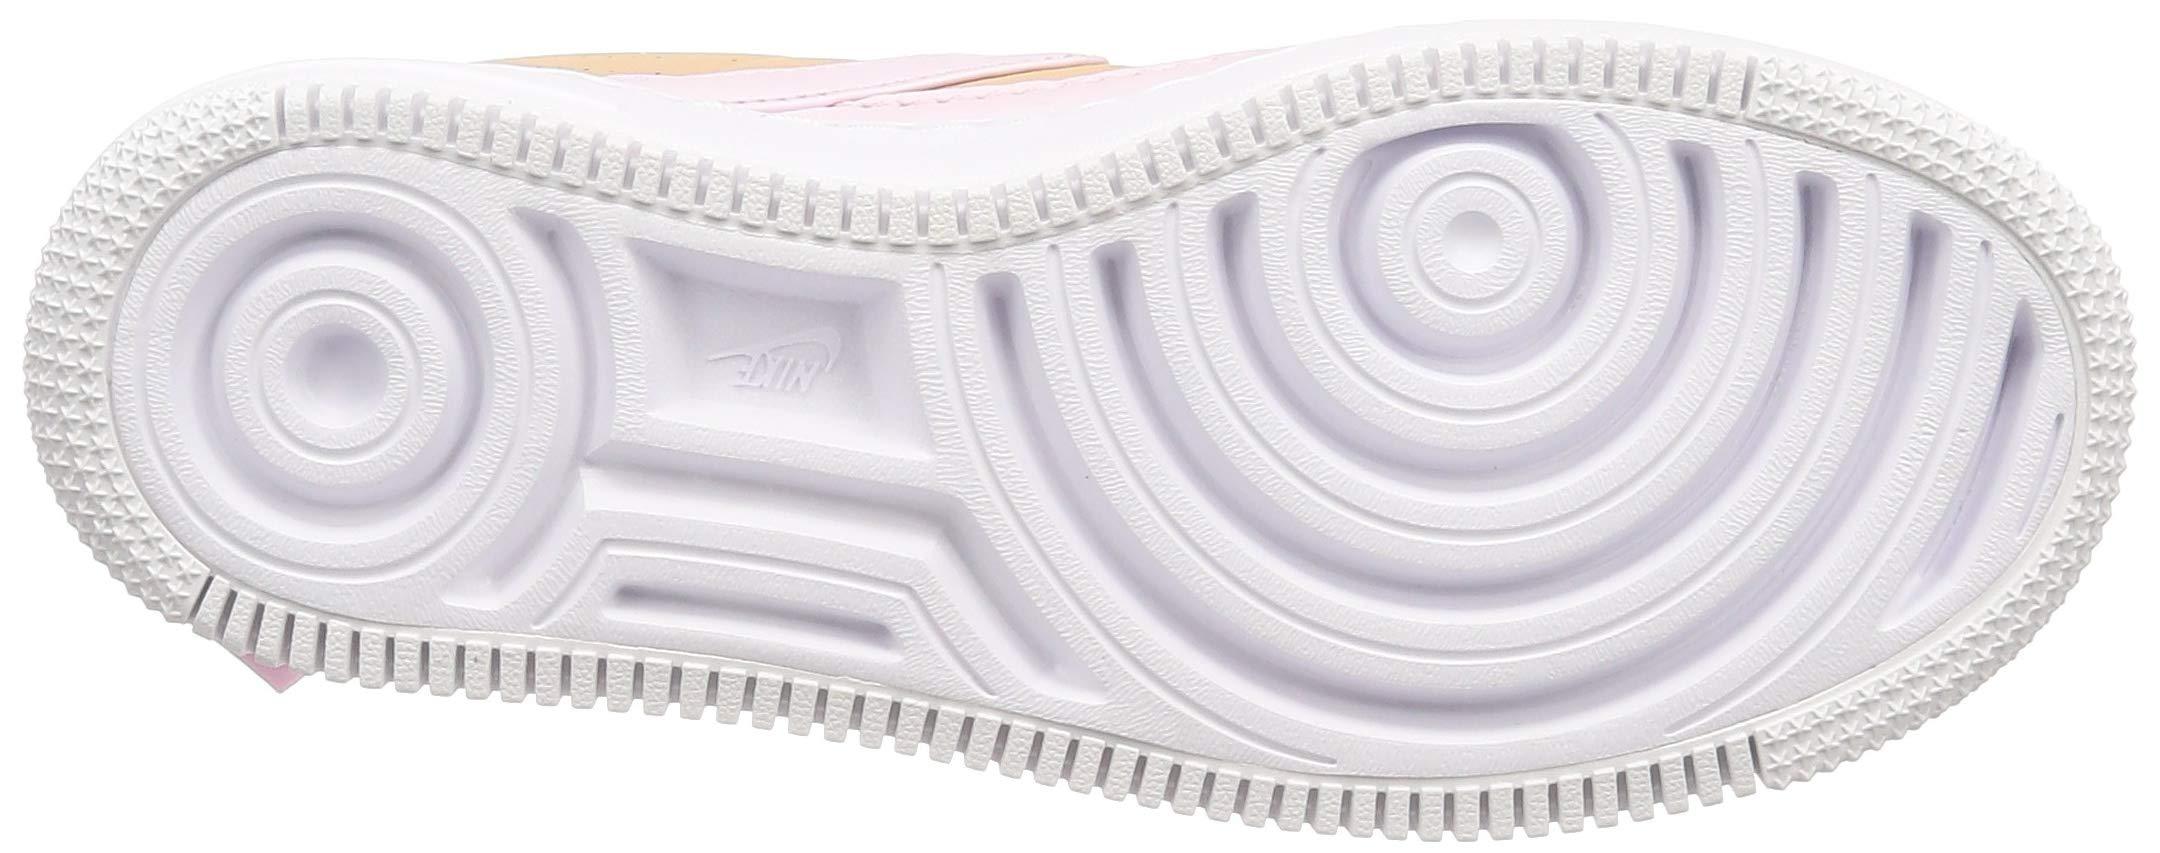 Nike Women's AF1 Jester XX Bio BeigeWhitePink Force AO1220 202 (Size: 8.5)